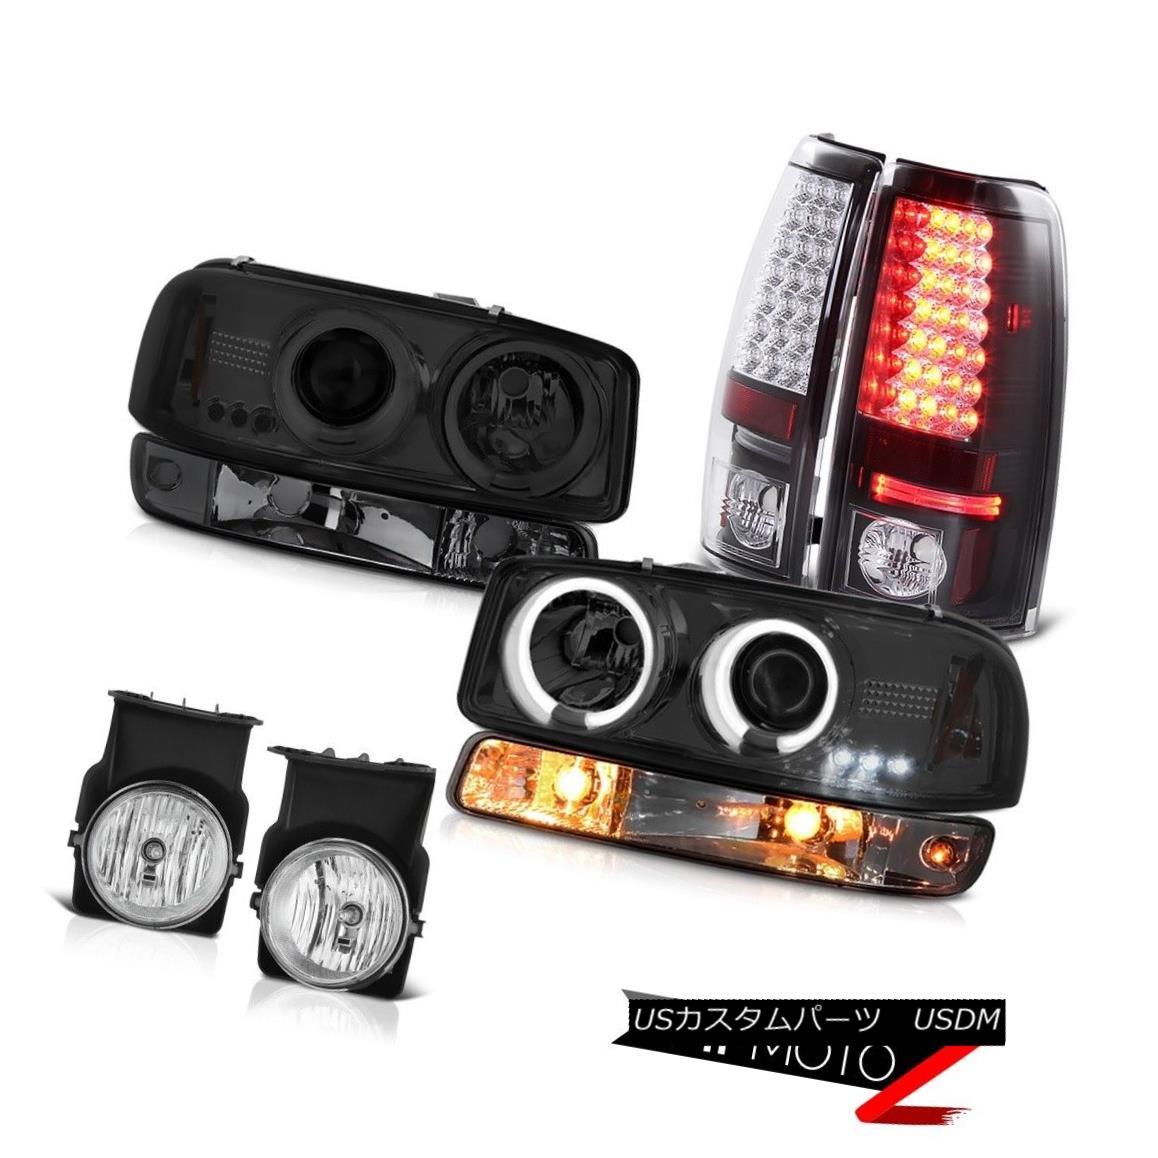 テールライト 03 04 05 06 Sierra C3 Foglights taillamps dark smoke bumper lamp ccfl headlamps 03 04 05 06シエラC3フォグライトテールランプ暗煙バンパーランプccflヘッドライト